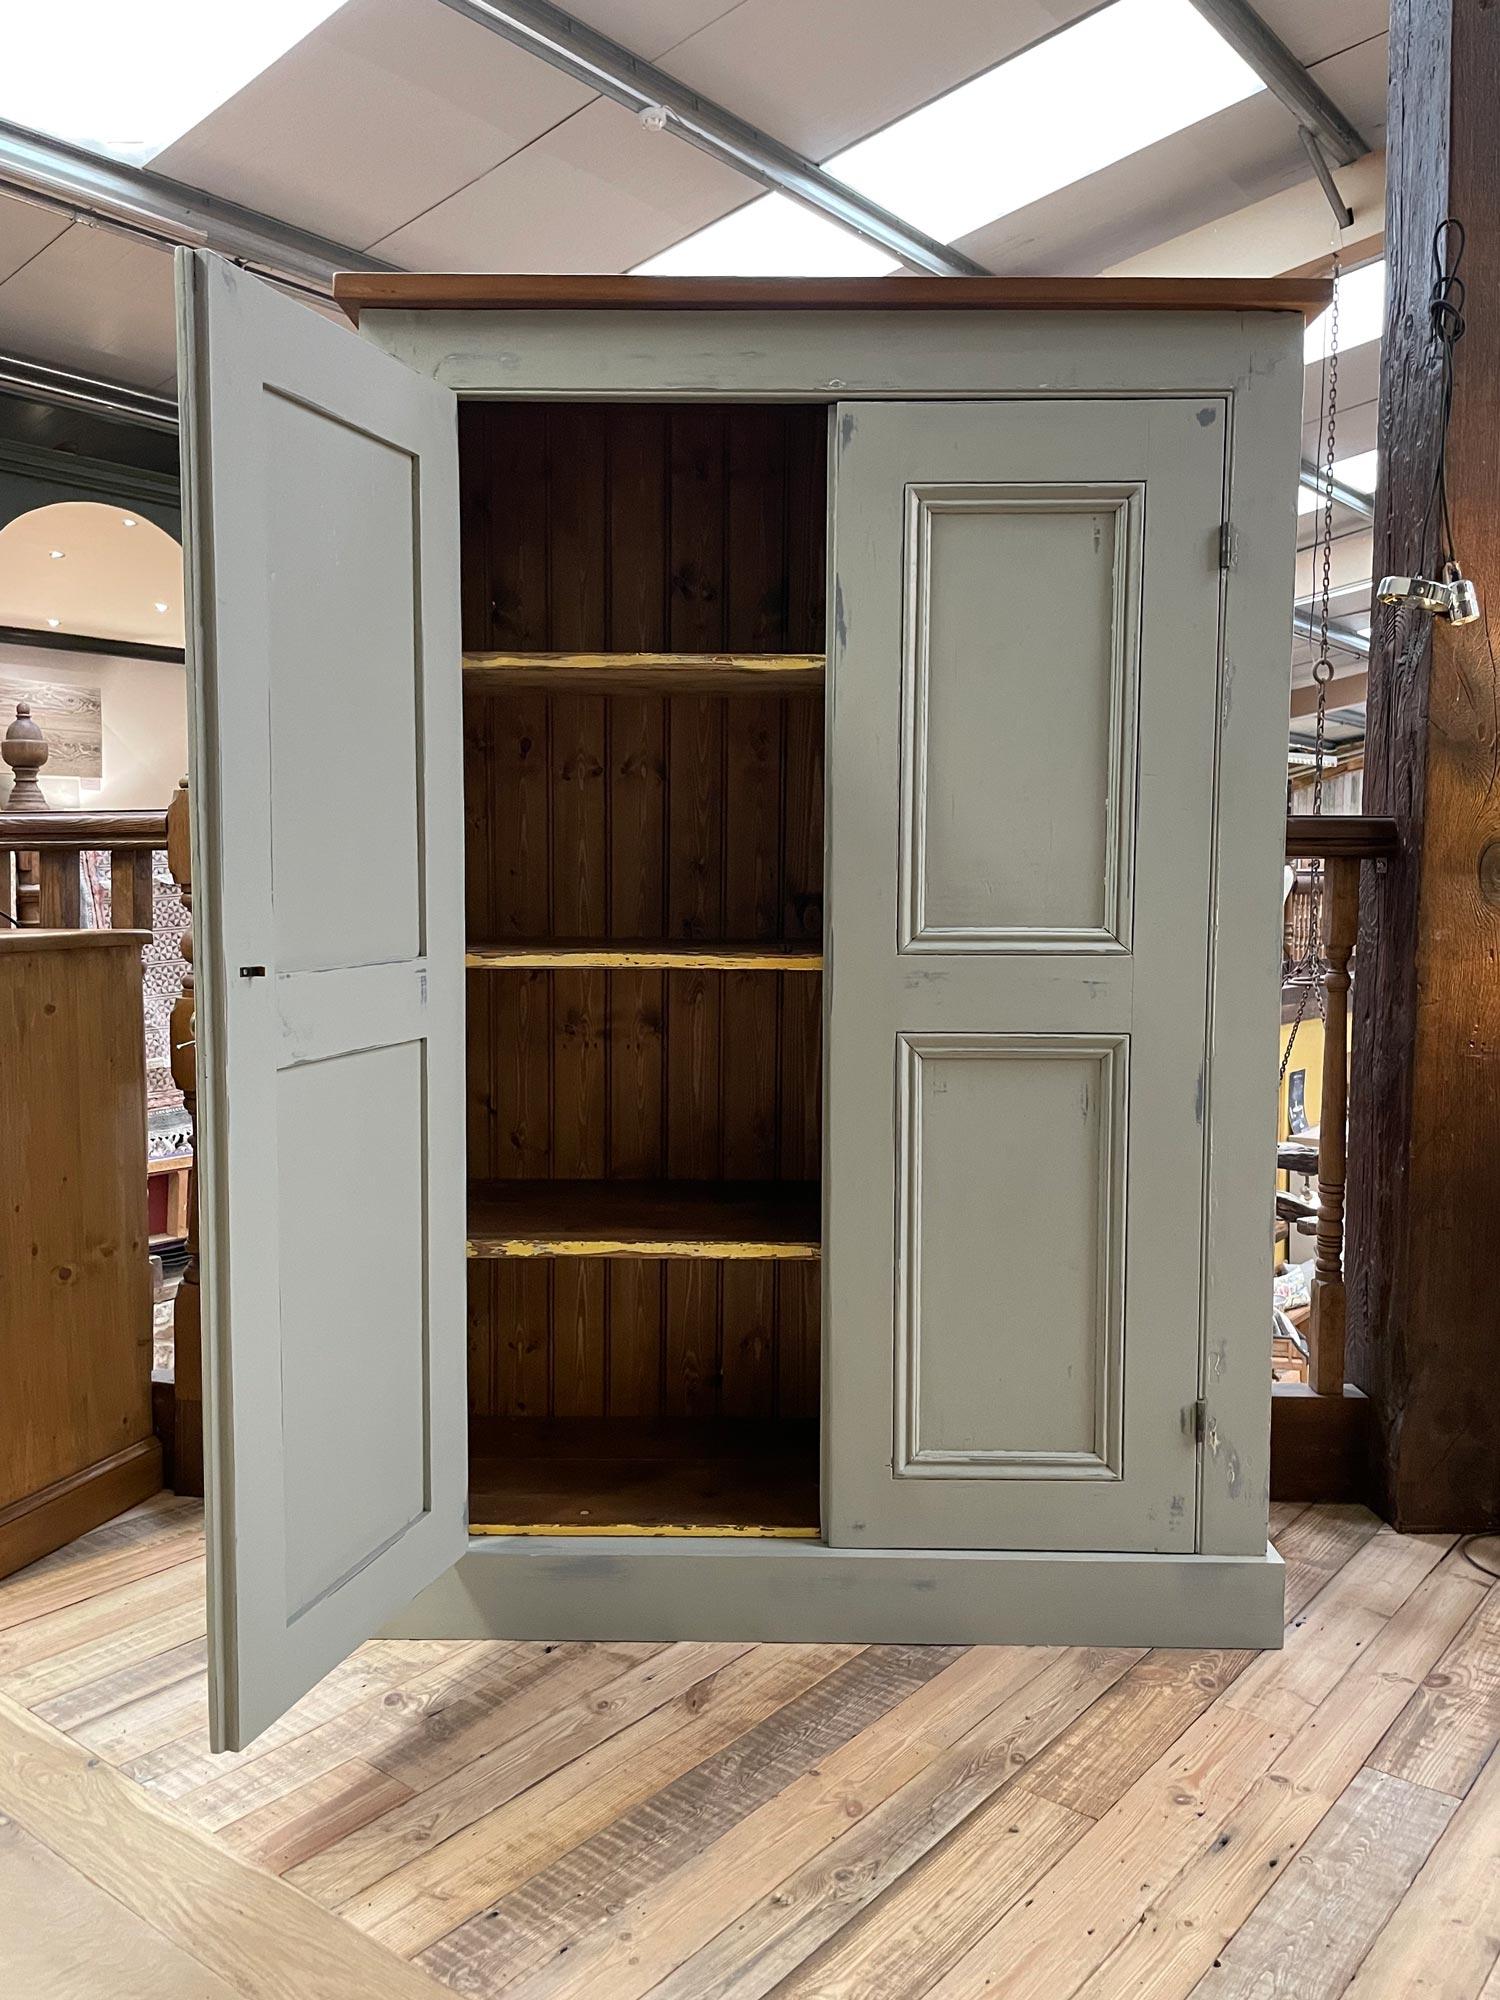 Door open on antique storage cabinet